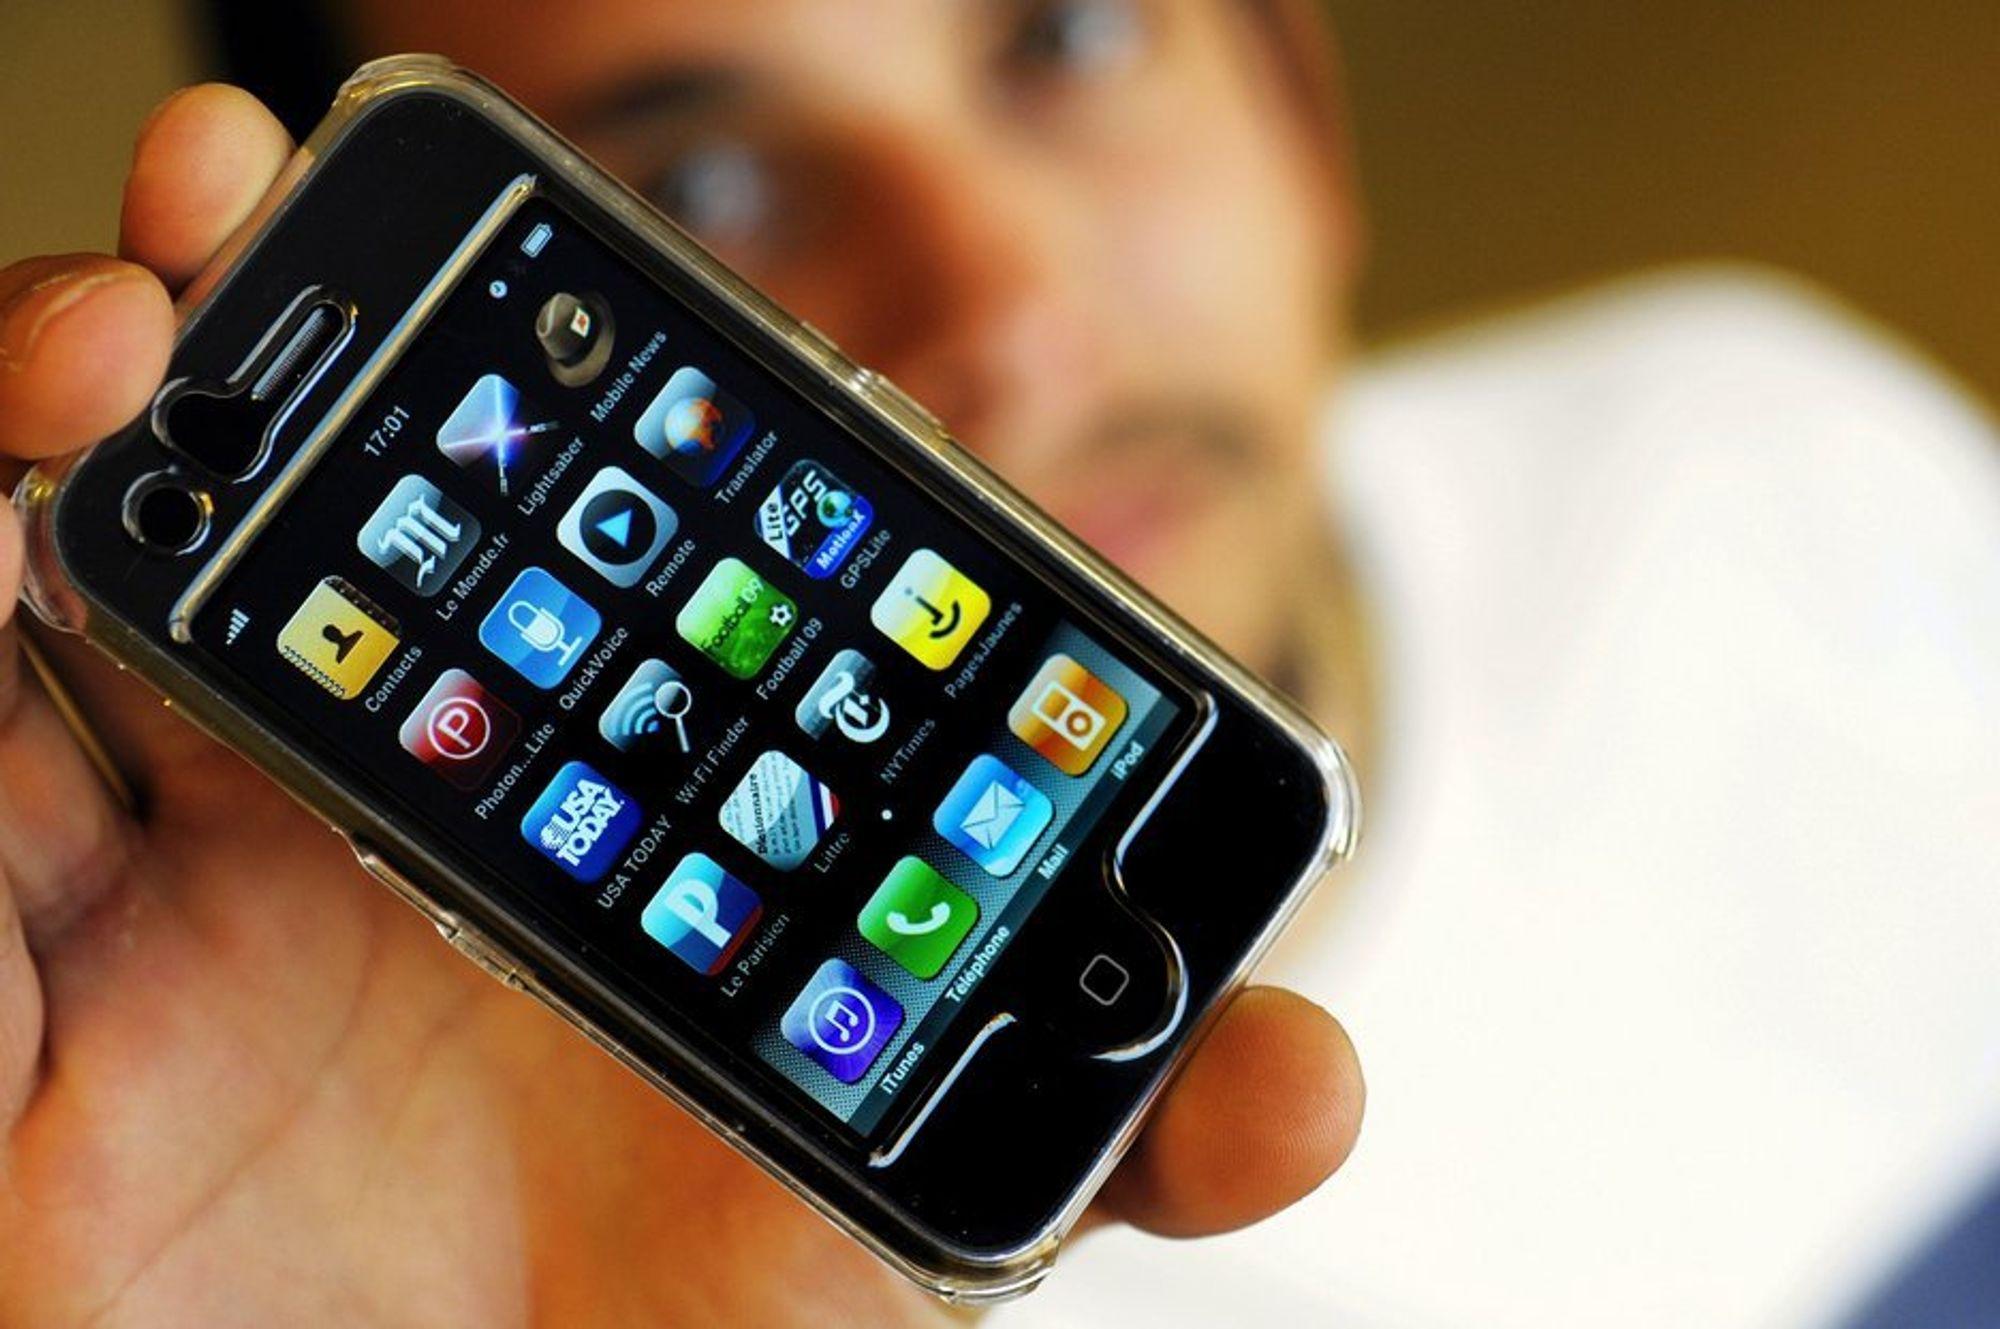 EKSPLOSJON: Datatrafikken har økt voldsomt de siste få årene. iPhone er nok muligens en stor del av grunnen.